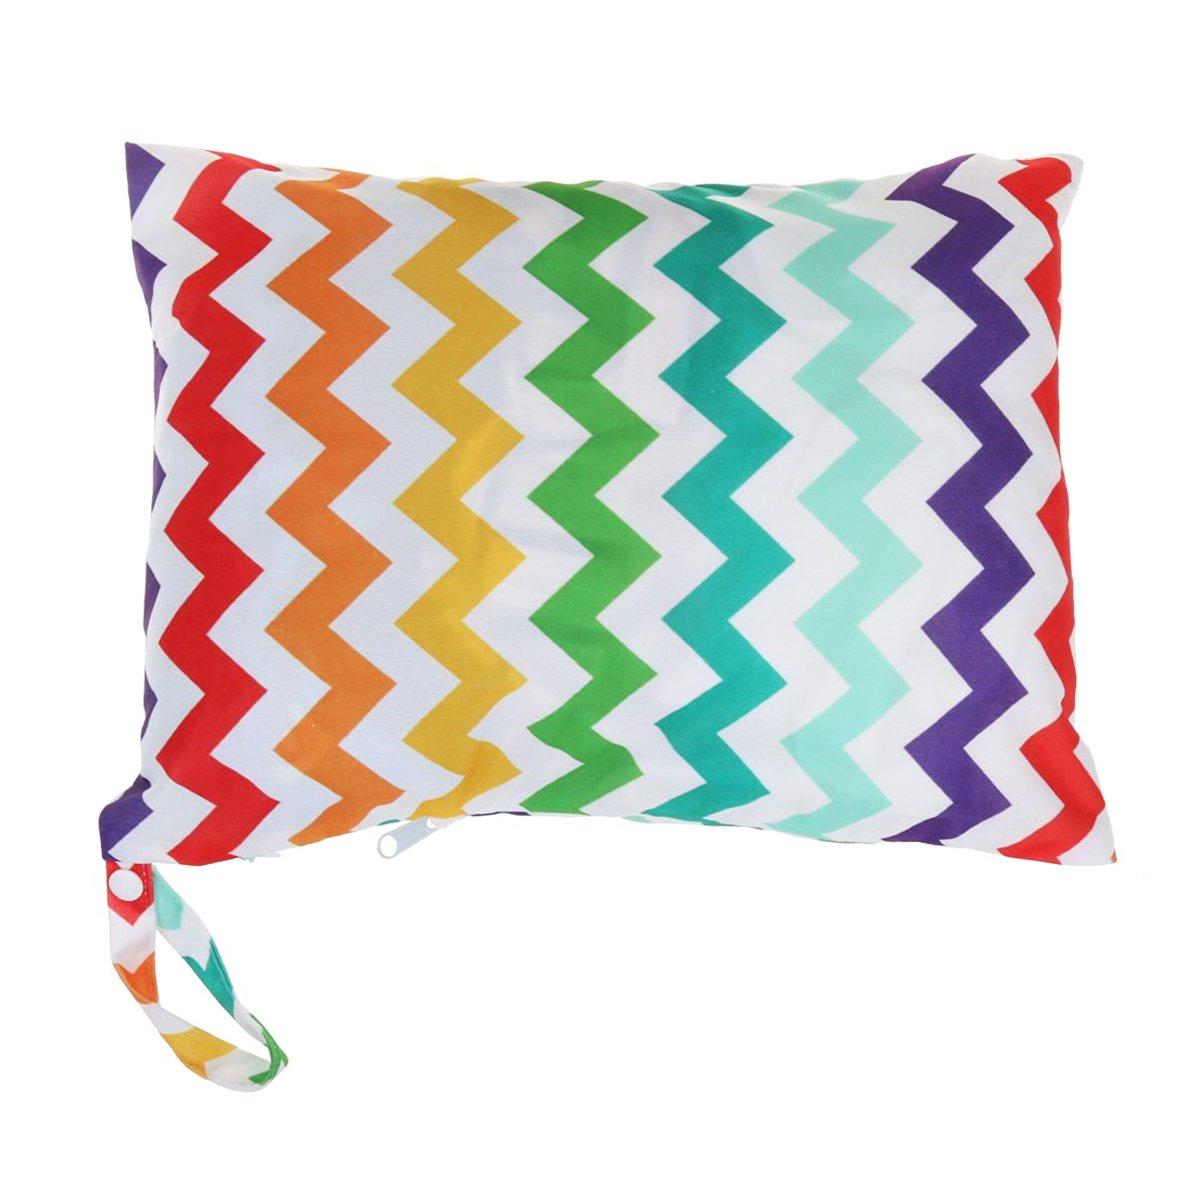 OULII Sac à couches pour les mamans élégantes, couches pour bébé sac imperméable à l'eau Resuable Nappy bébé sec humide couche-culotte pochette avec fermeture-éclair double Rainbow